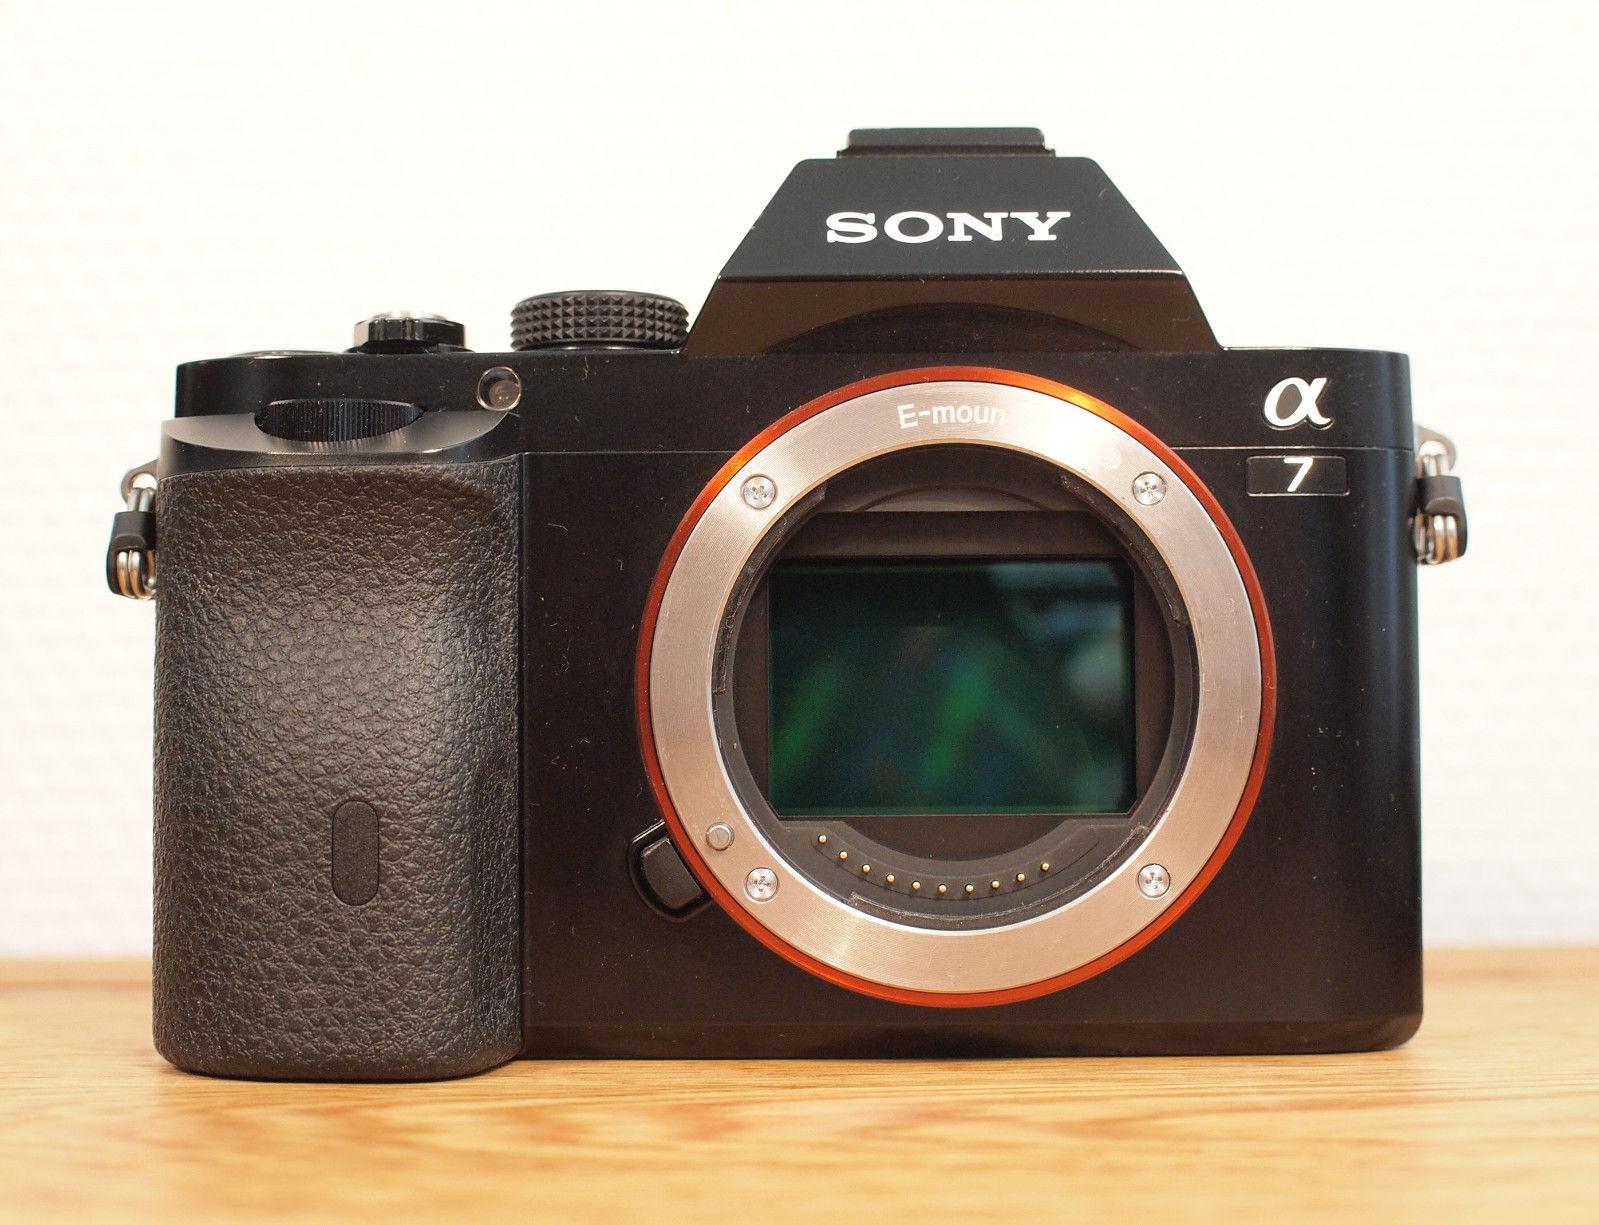 Sony Alpha 7 A7 schöner Zustand / excellent condition